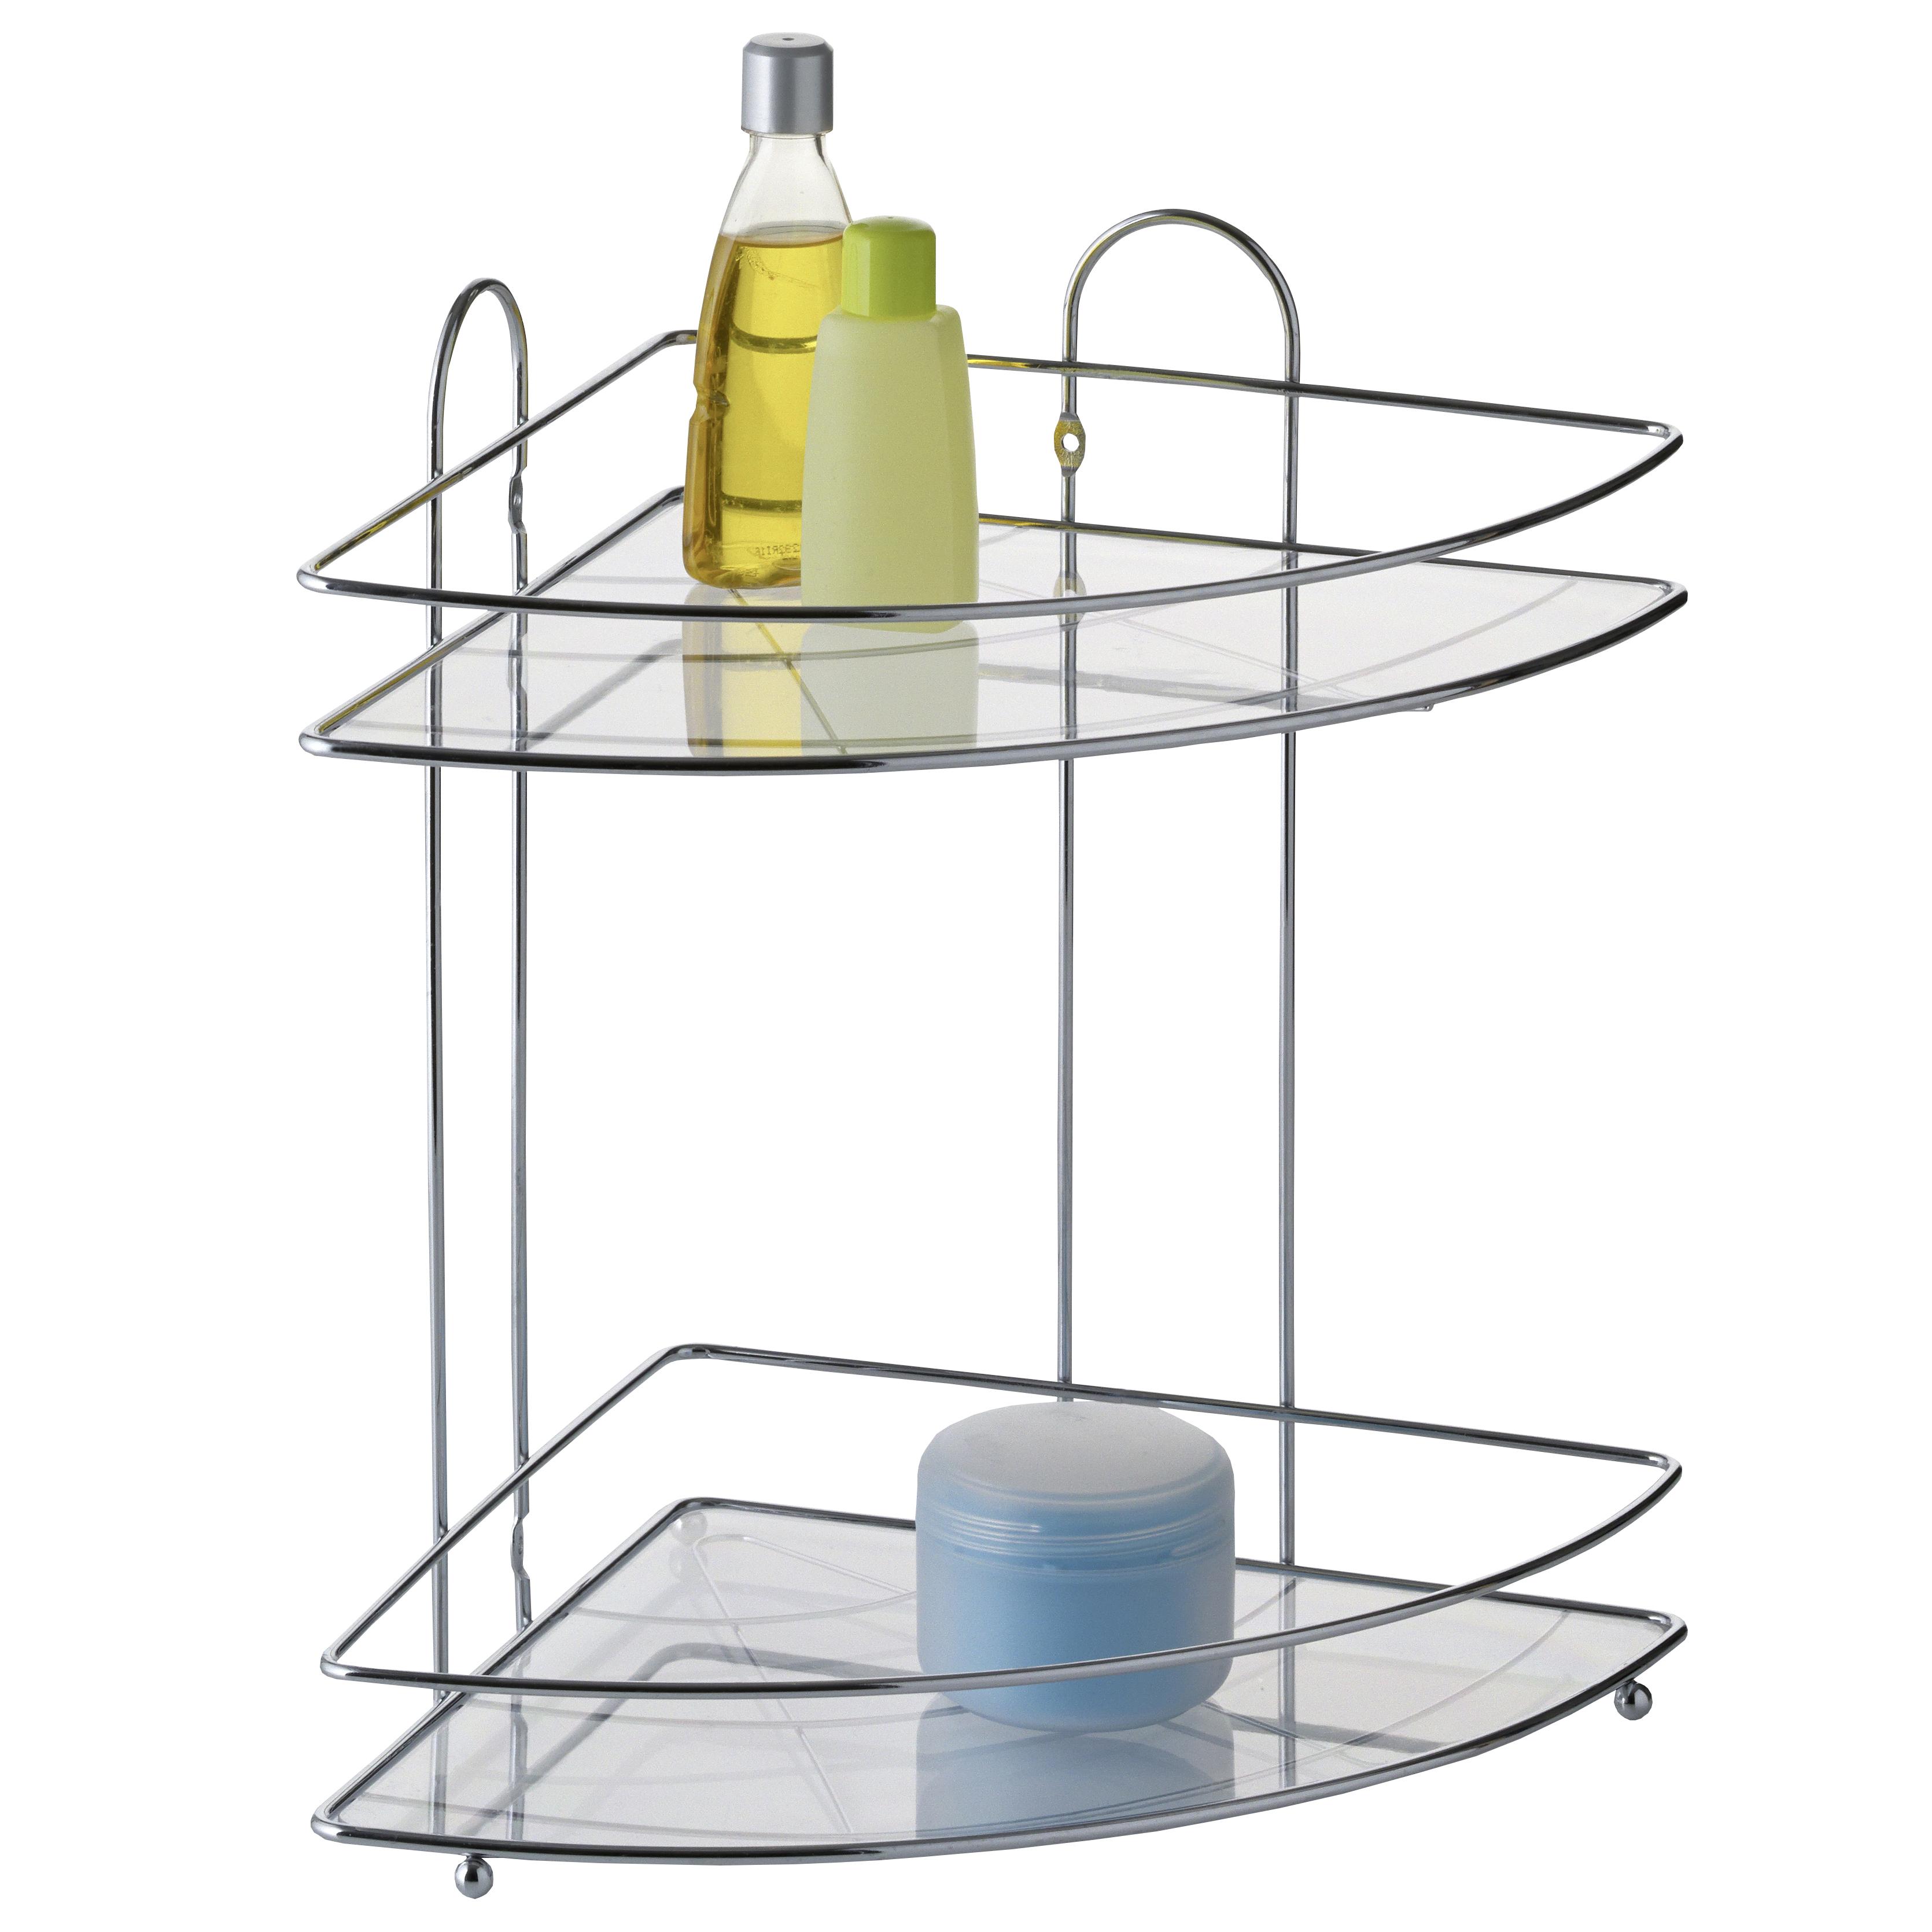 Полка для ванной Axentia, угловая, двухъярусная, 25,5 х 25,5 х 33,5 см25051 7_желтыйДвухъярусная полка для ванной Axentia изготовлена из высококачественной хромированной стали устойчивой к коррозии в условиях высокой влажности в ванной комнате. Оптимальное расстояние между ярусами позволяет разместить тюбики и флаконы большого размера. Изделие имеет угловую конструкцию и крепится на шурупах, которые идут в комплекте. Классический дизайн и оптимальная вместимость подойдет для любого интерьера ванной комнаты или кухни.